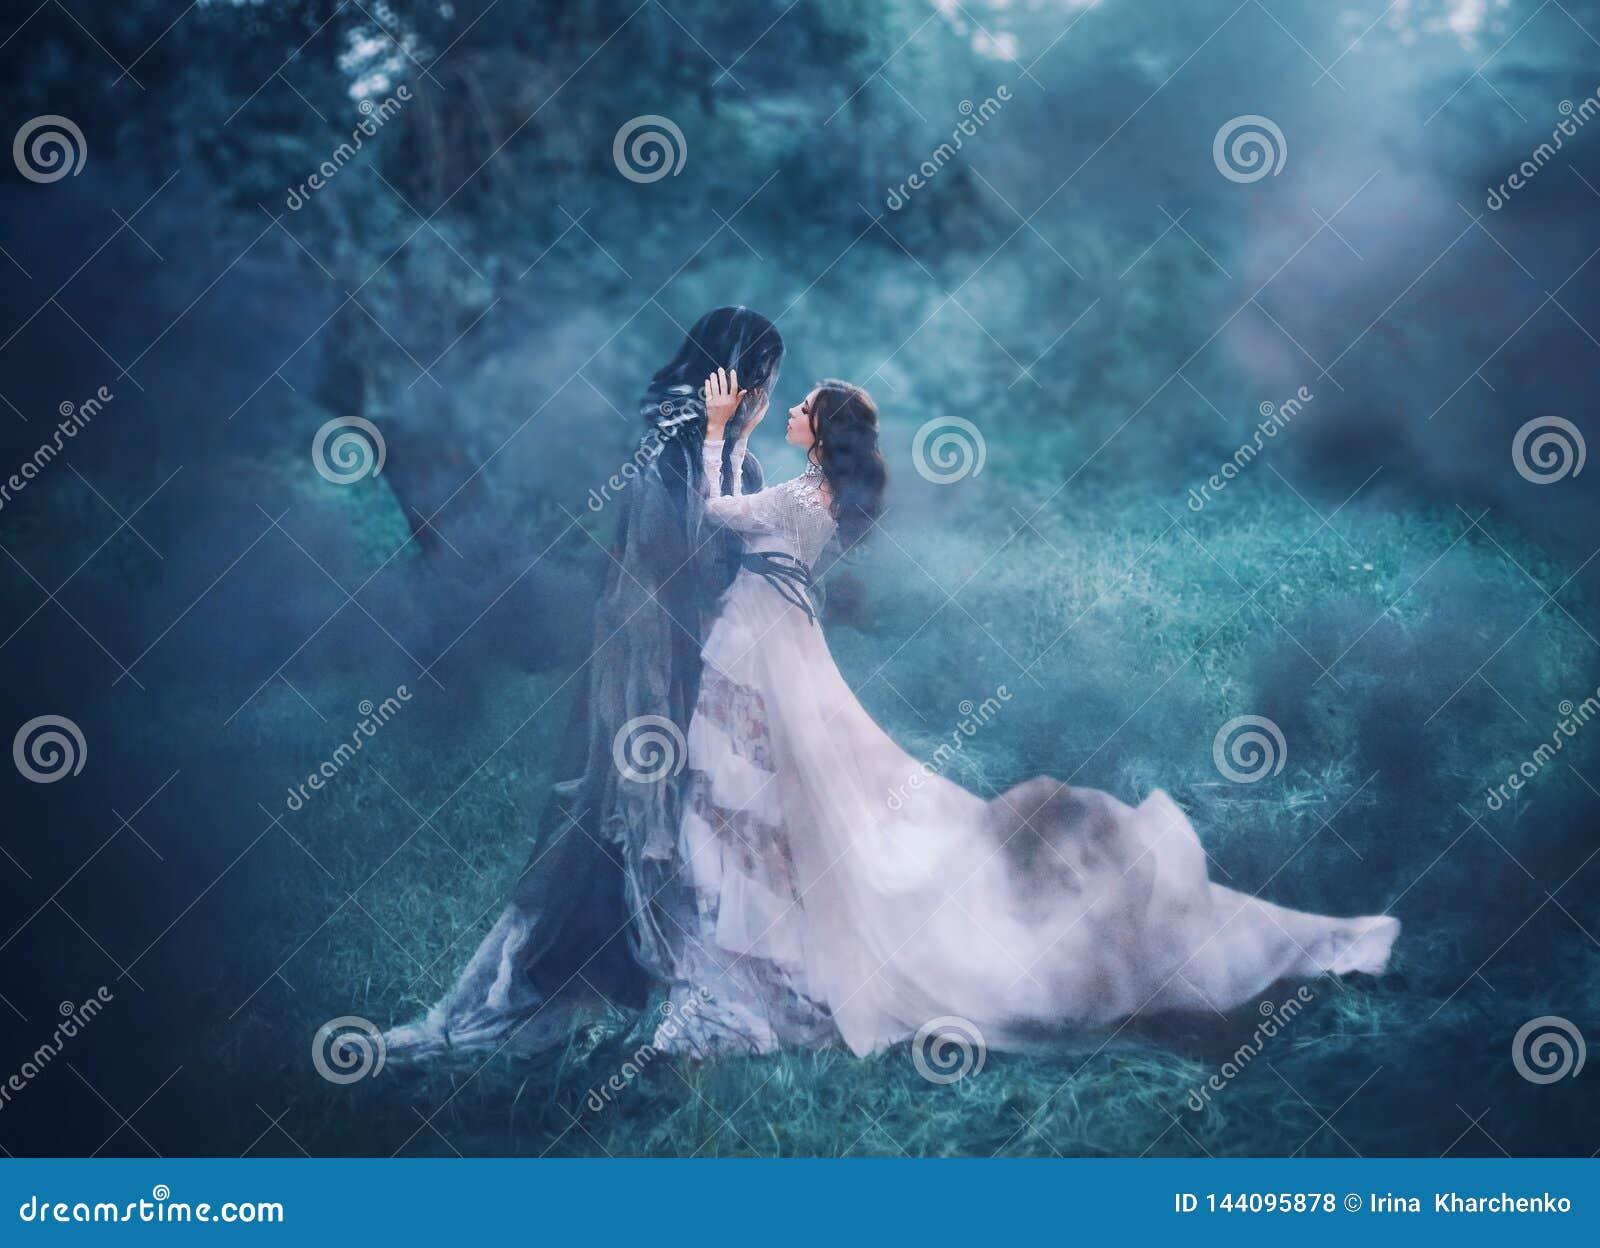 深色的女孩每夜的神奇冷的蓝色森林,白色葡萄酒鞋带礼服的夫人的鬼魂和精神有长的飞行的